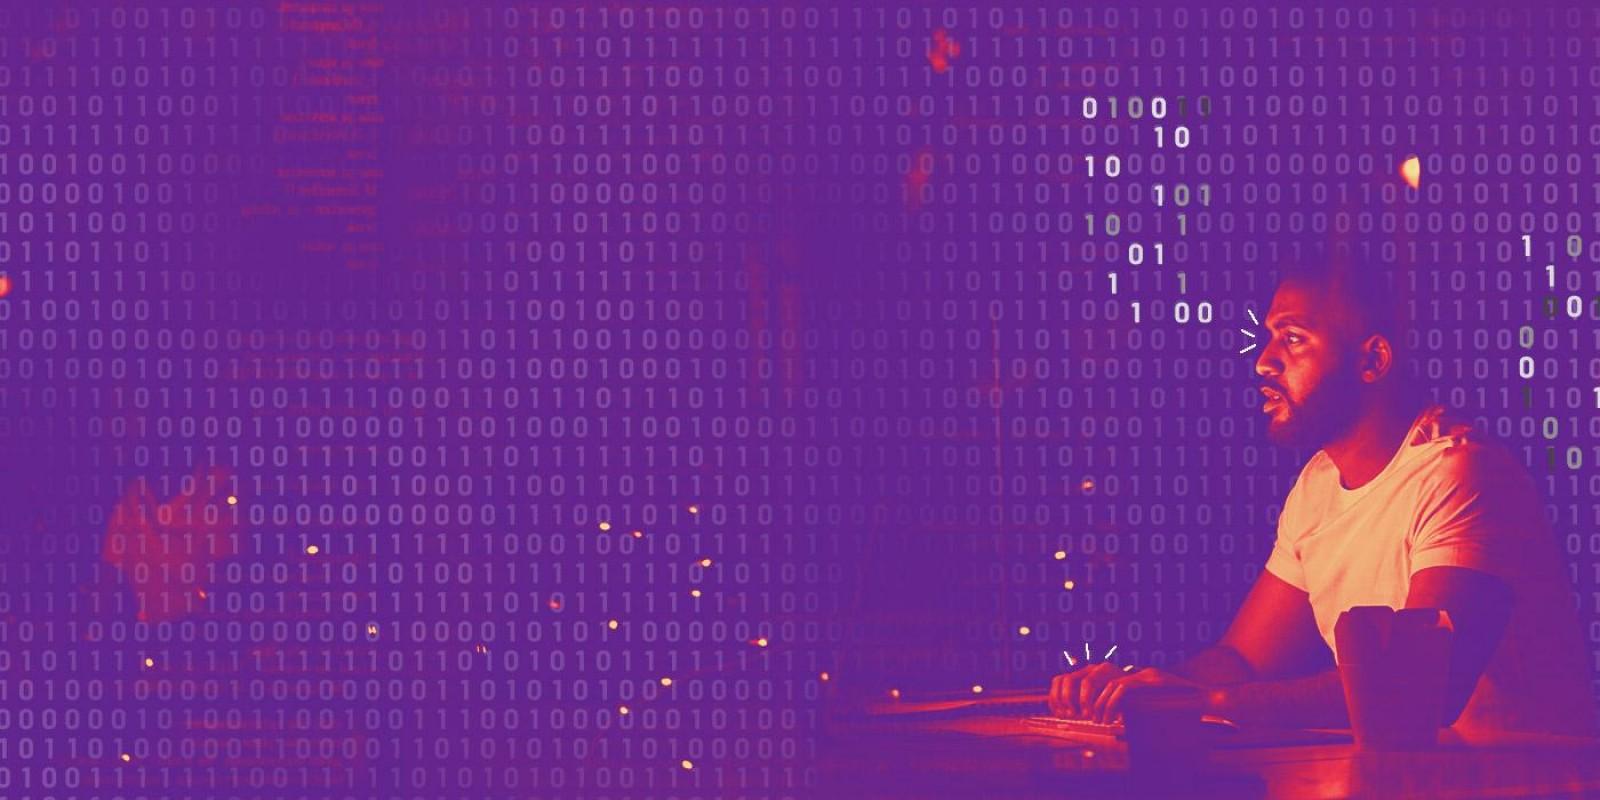 Cyber-Vigilância E Preconceitos Sociais